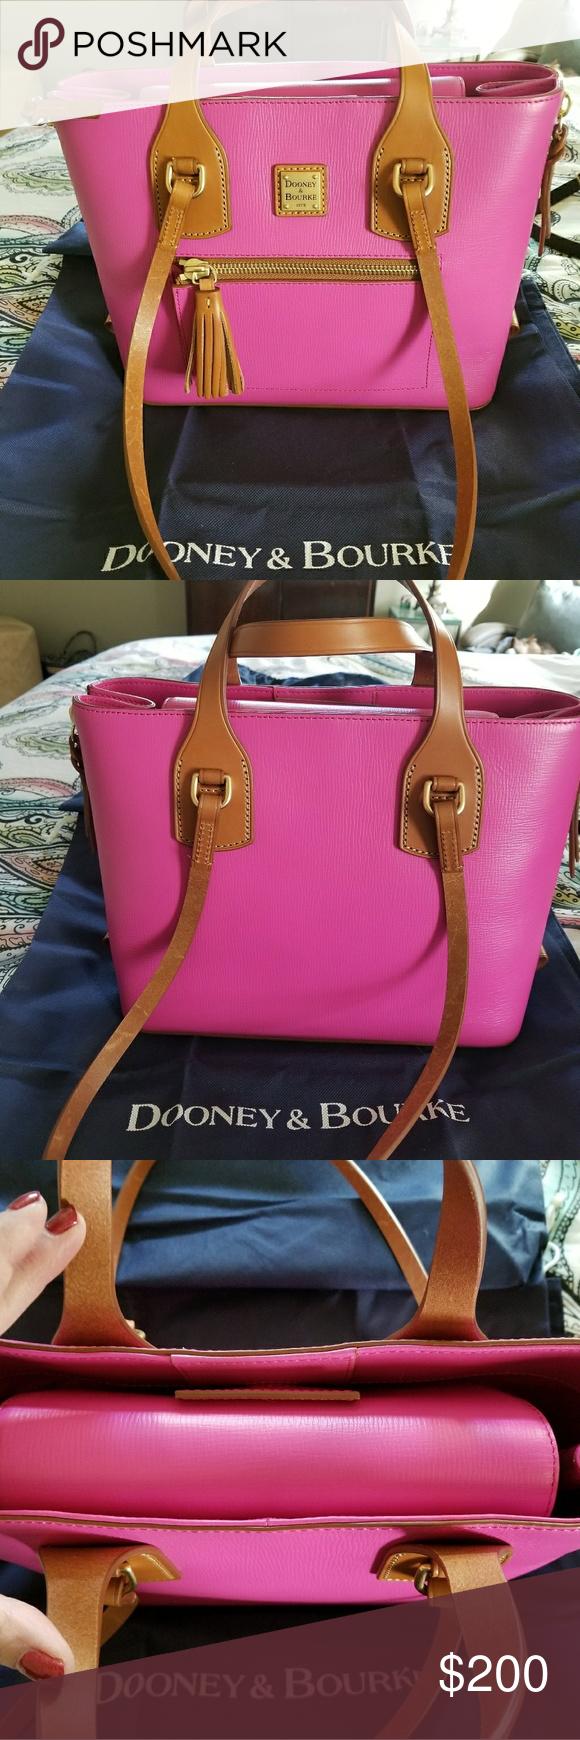 Pink Dooney and Bourke handbag